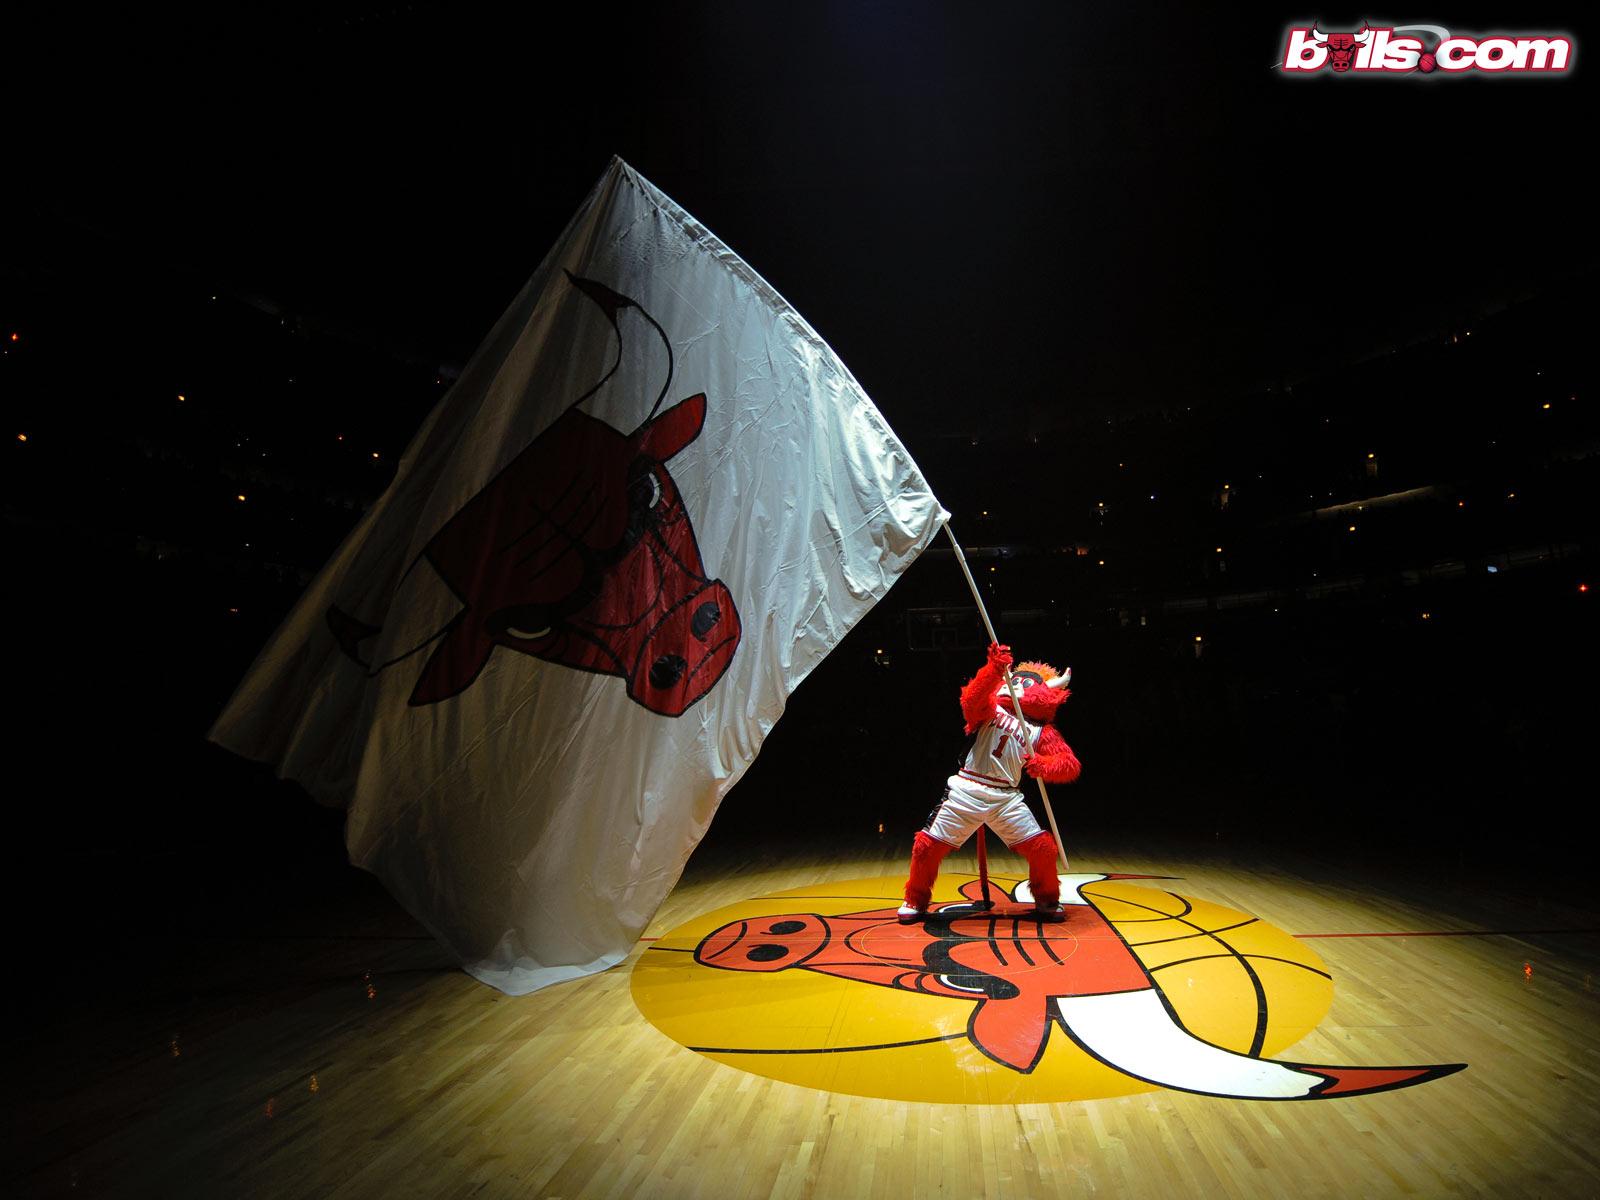 Download Chicago Bulls NBA wallpaper ImageBankbiz 1600x1200